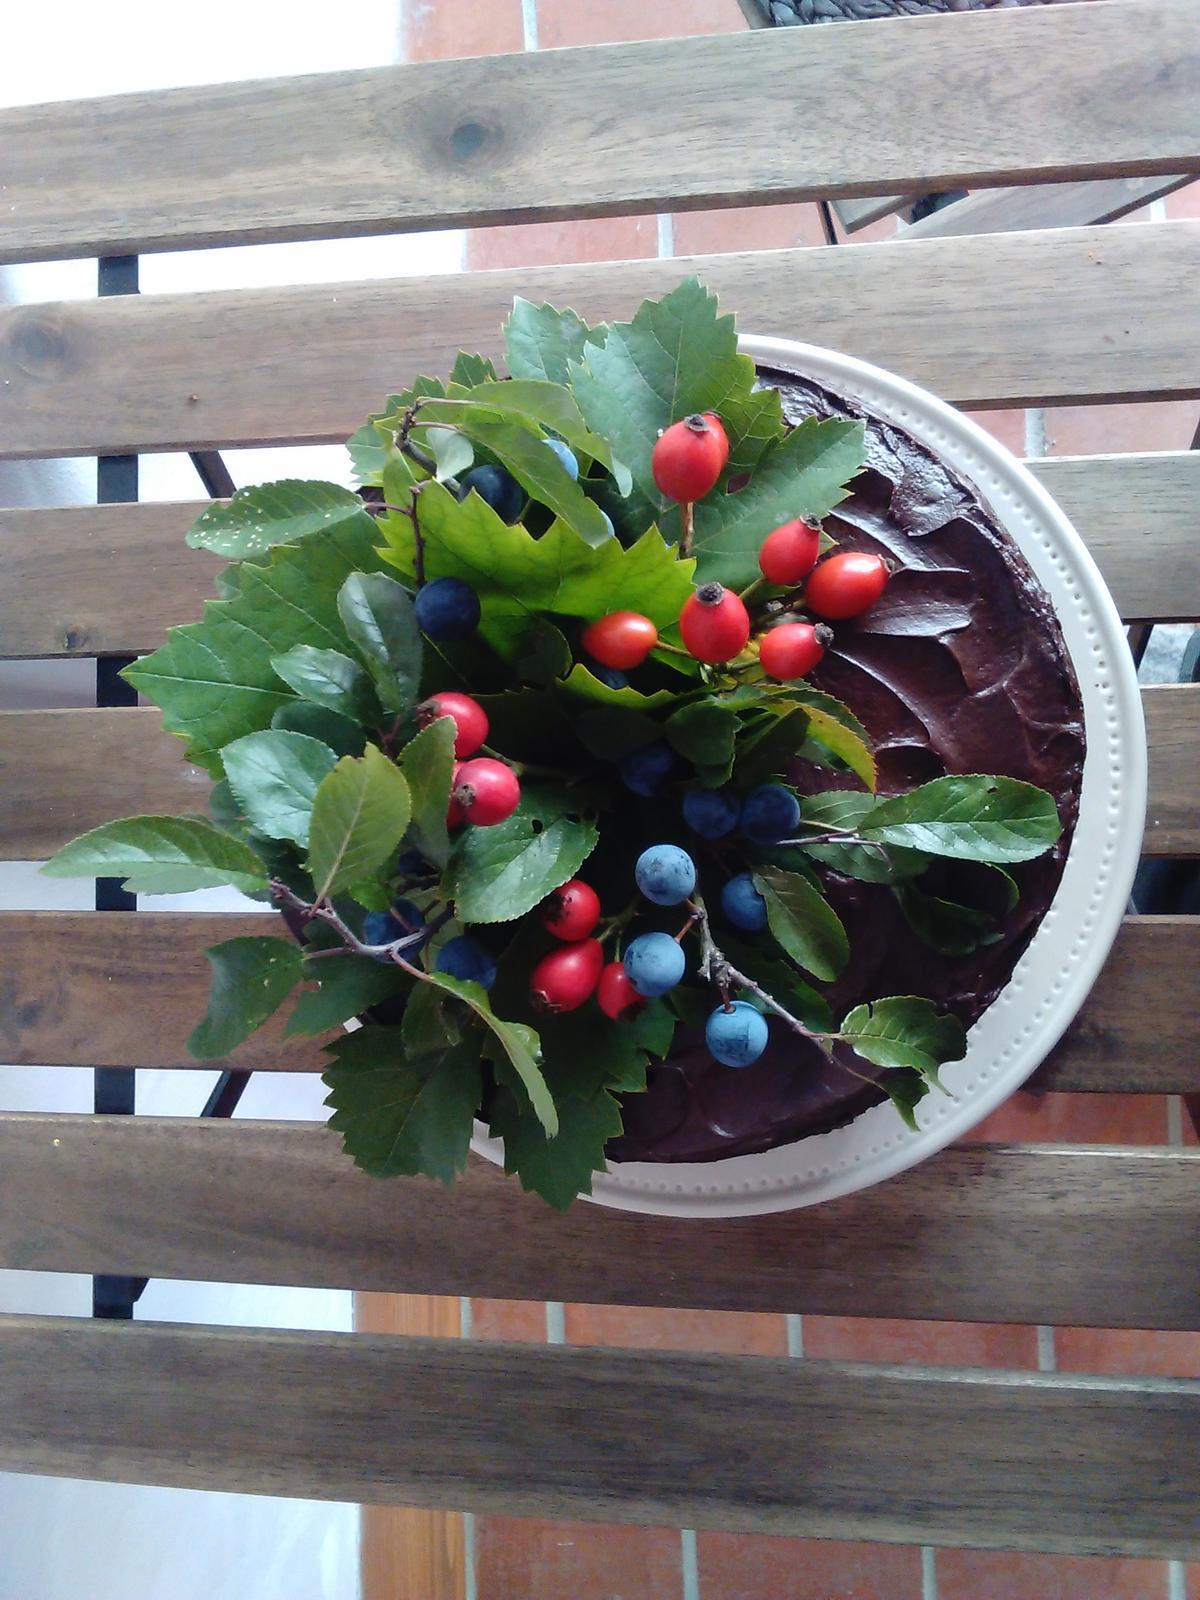 Sladký podzim v mojí kavárně - Náplň s lehkým šlehačkovym krémem a malinami,  čokoládová ganache nahoru,  snědl se snad do hodiny:)